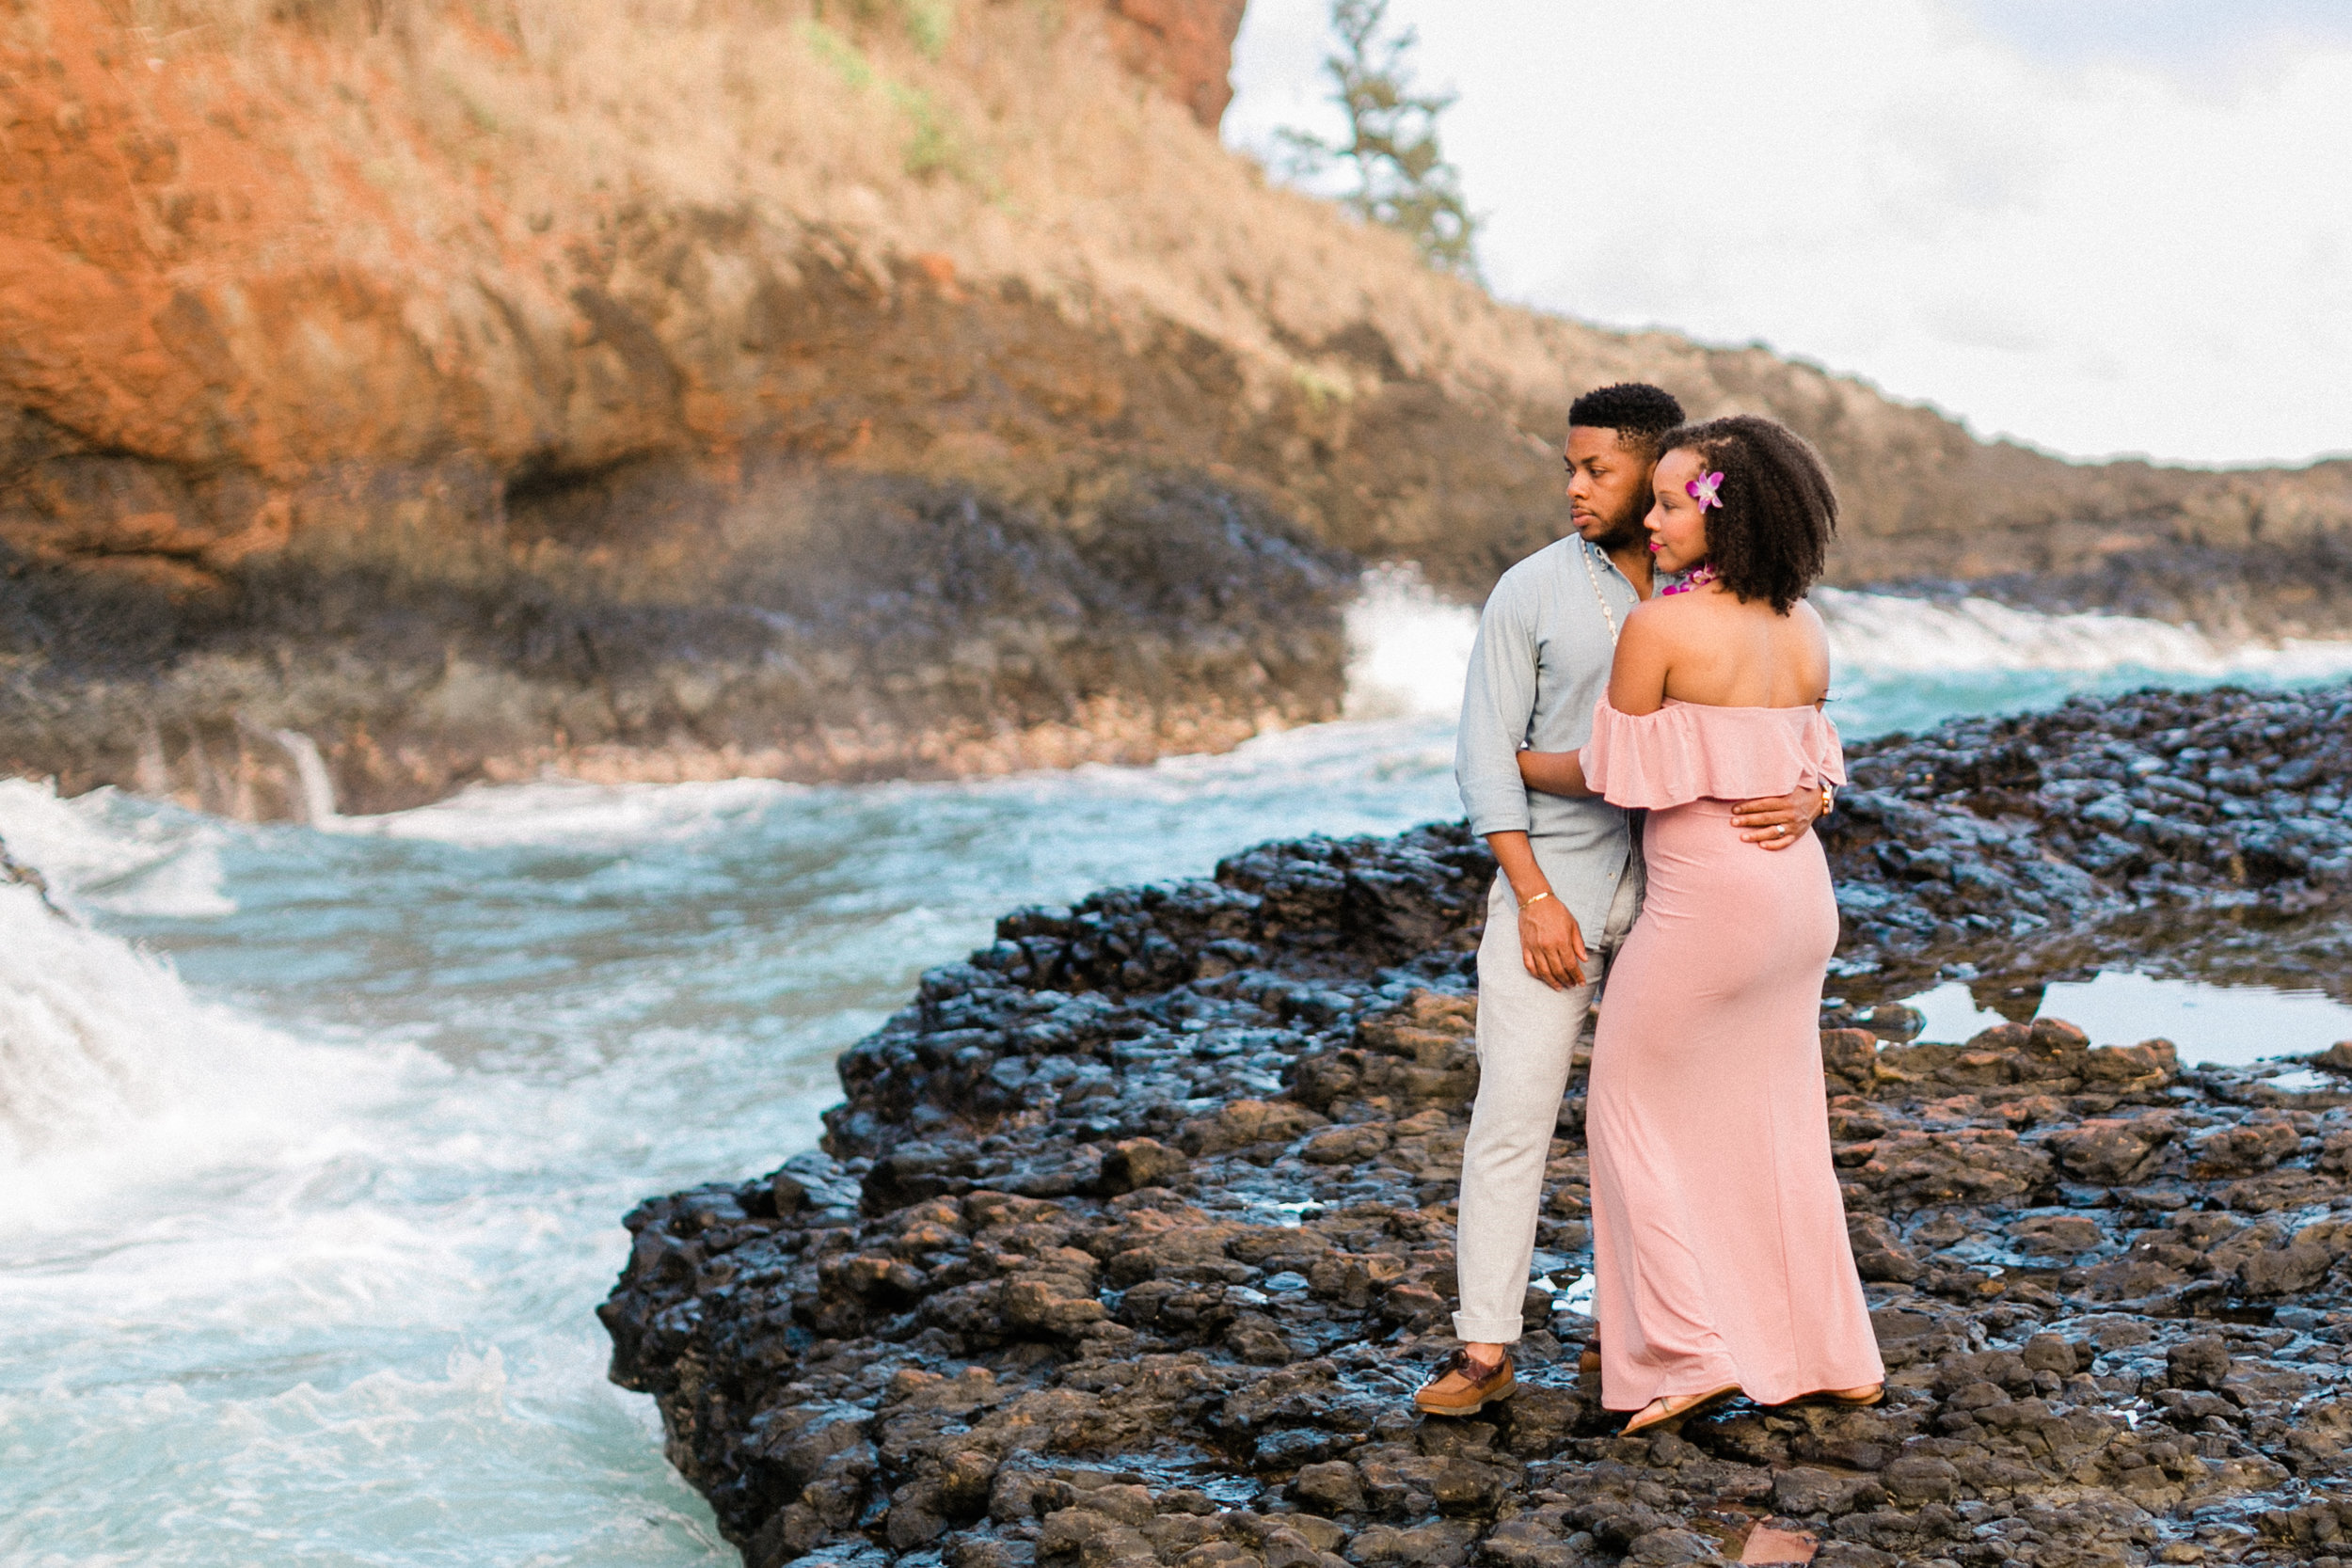 asher-gardner-hawaii-engagement-00008.jpg